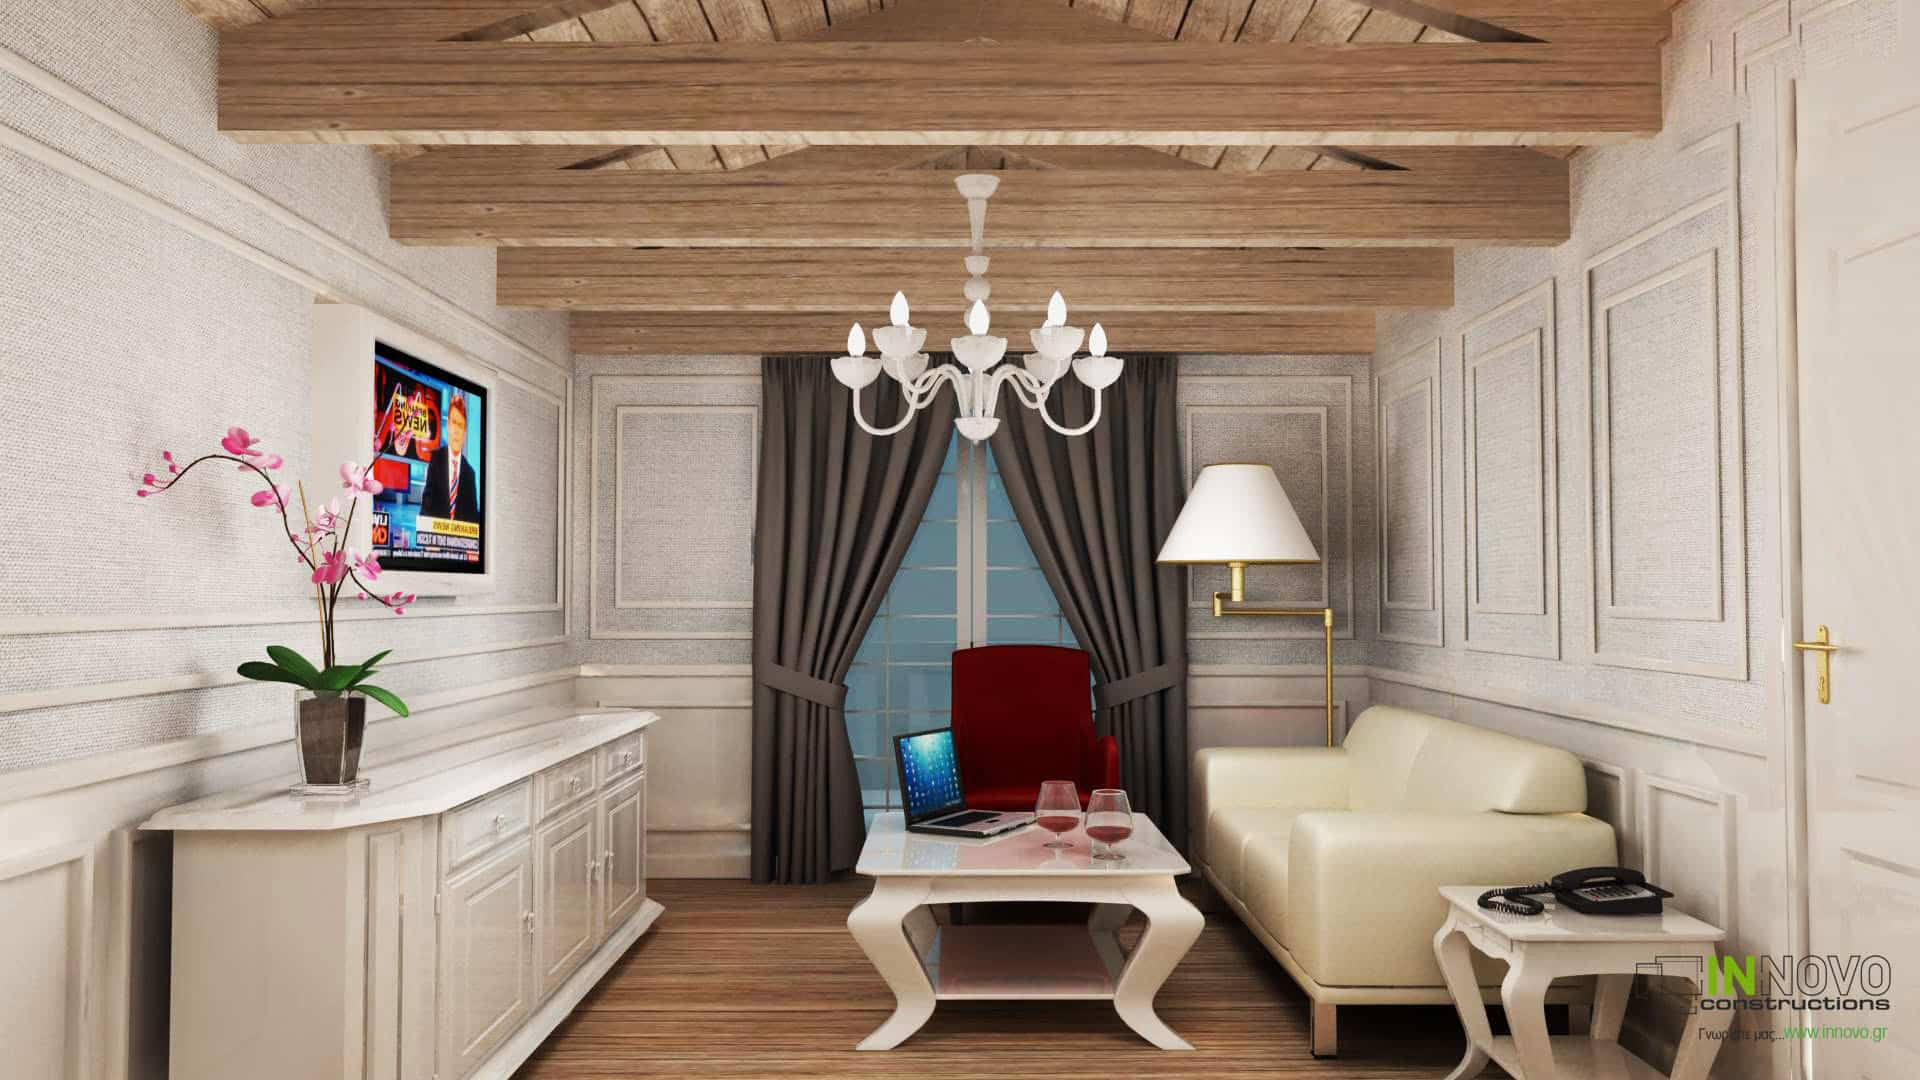 Σχεδιασμός ξενοδοχείου στην Πάργα από την Innovo